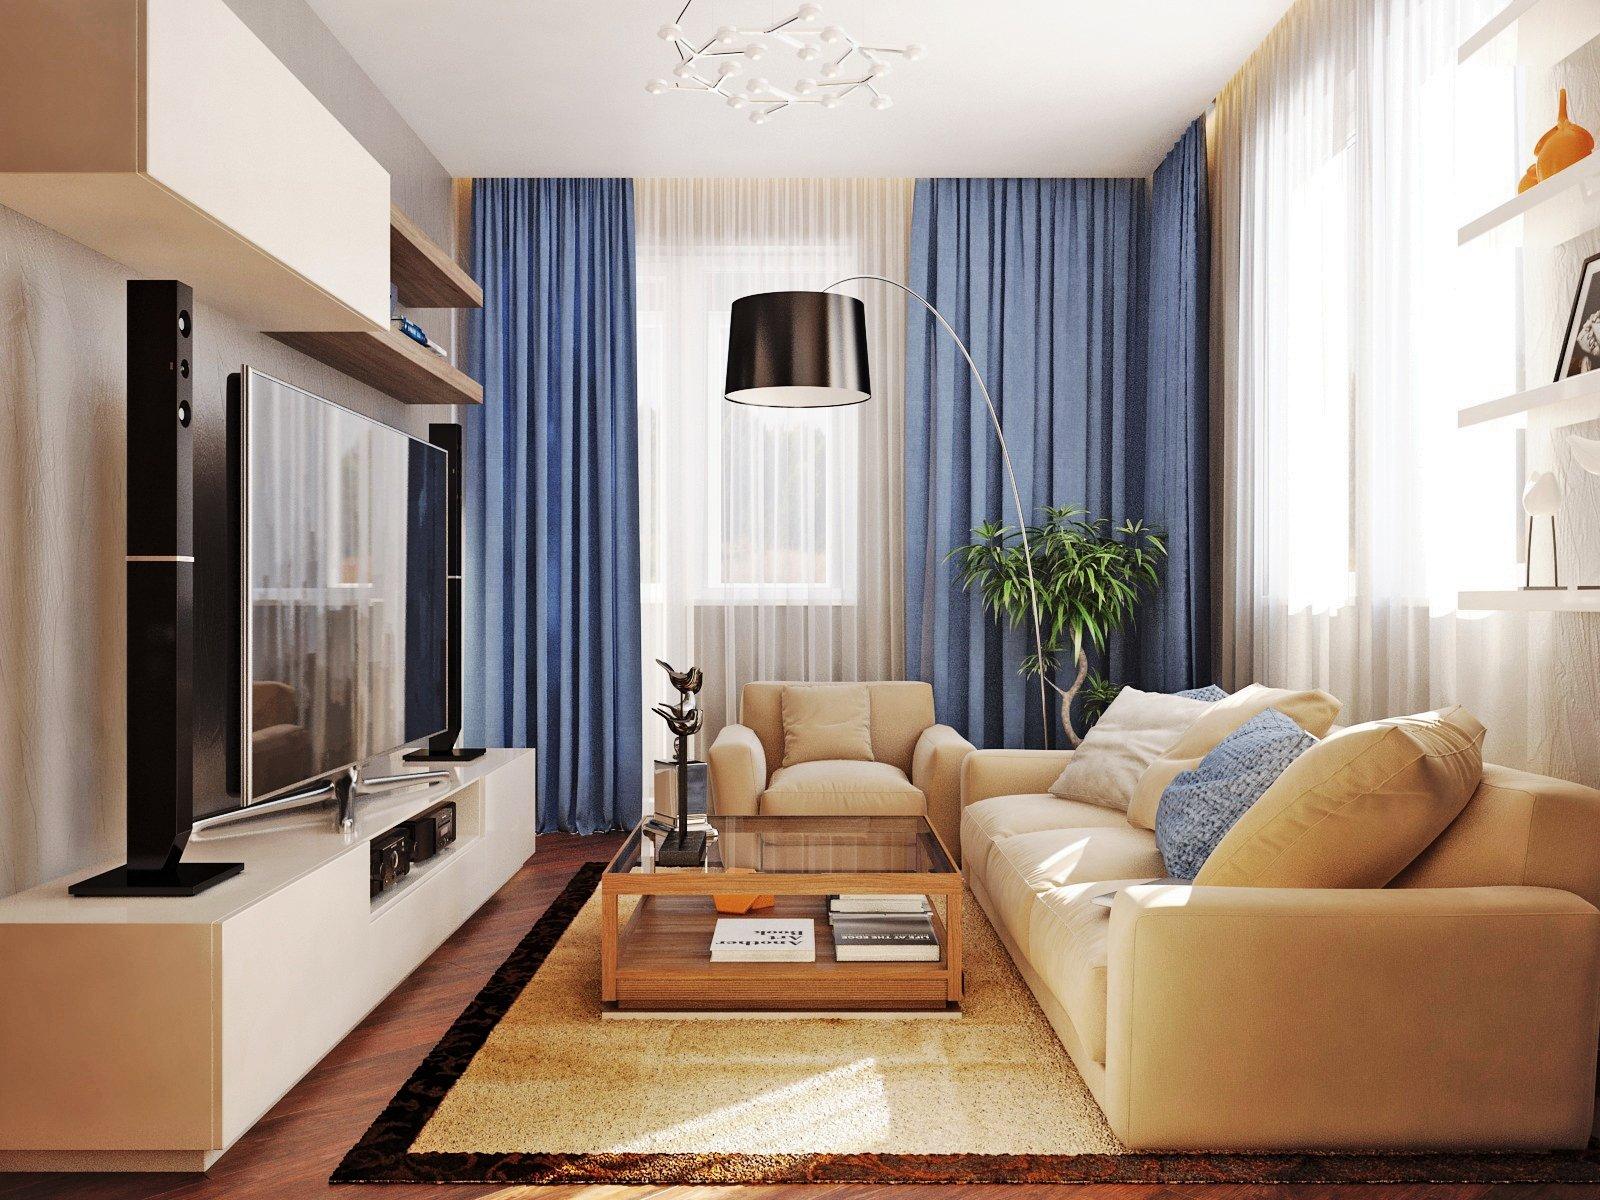 уютный дизайн квартир фото заказа